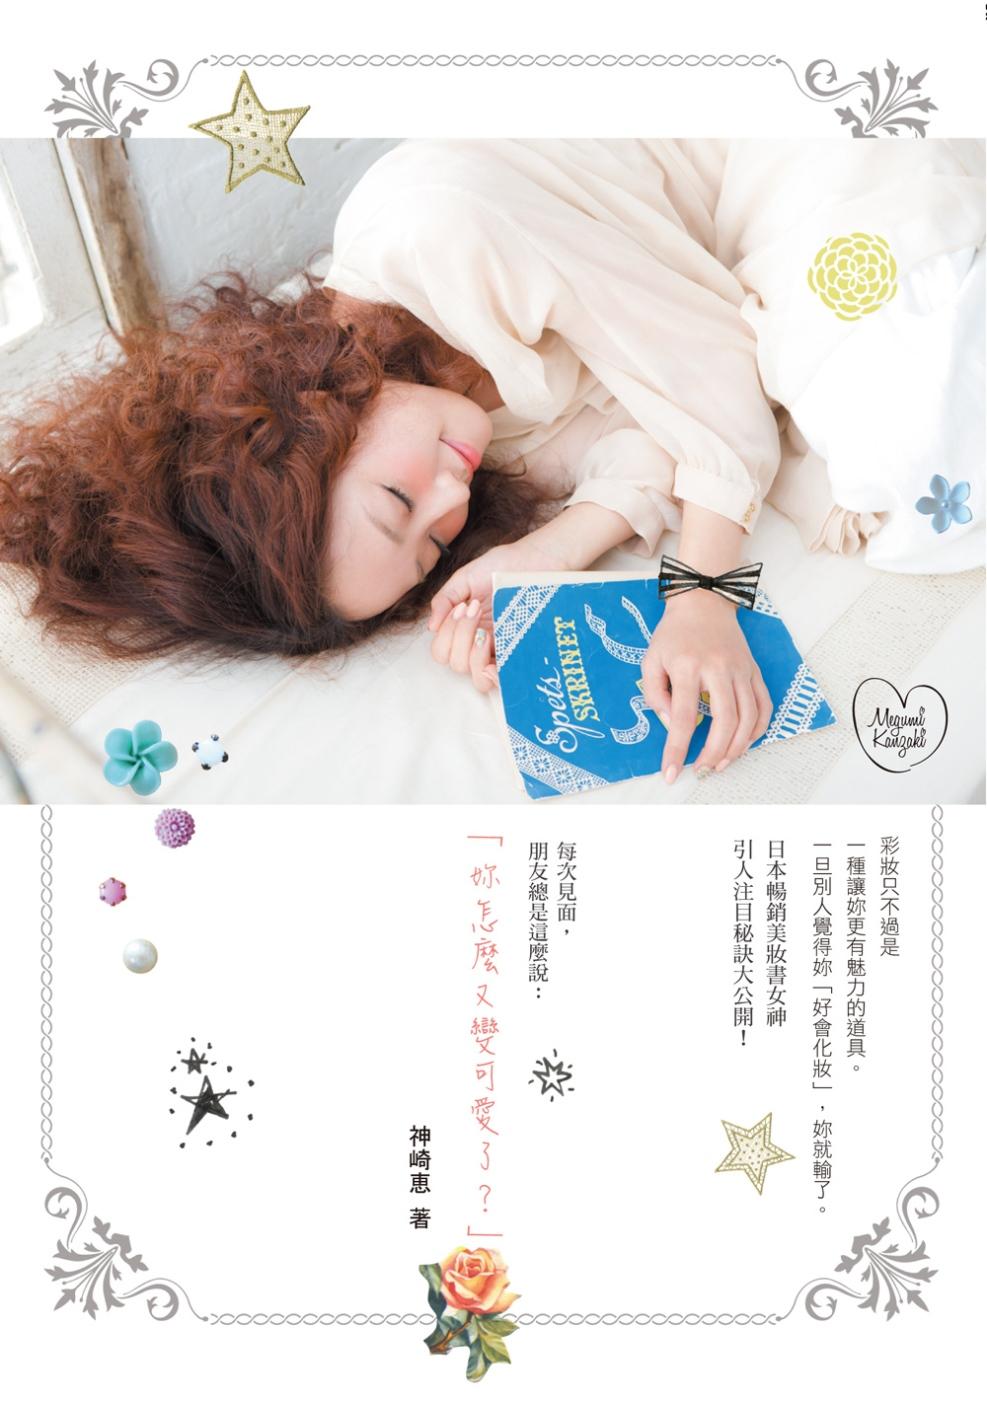 妳怎麼又變可愛了?:日本暢銷美妝書女神!引人注目秘訣大公開!